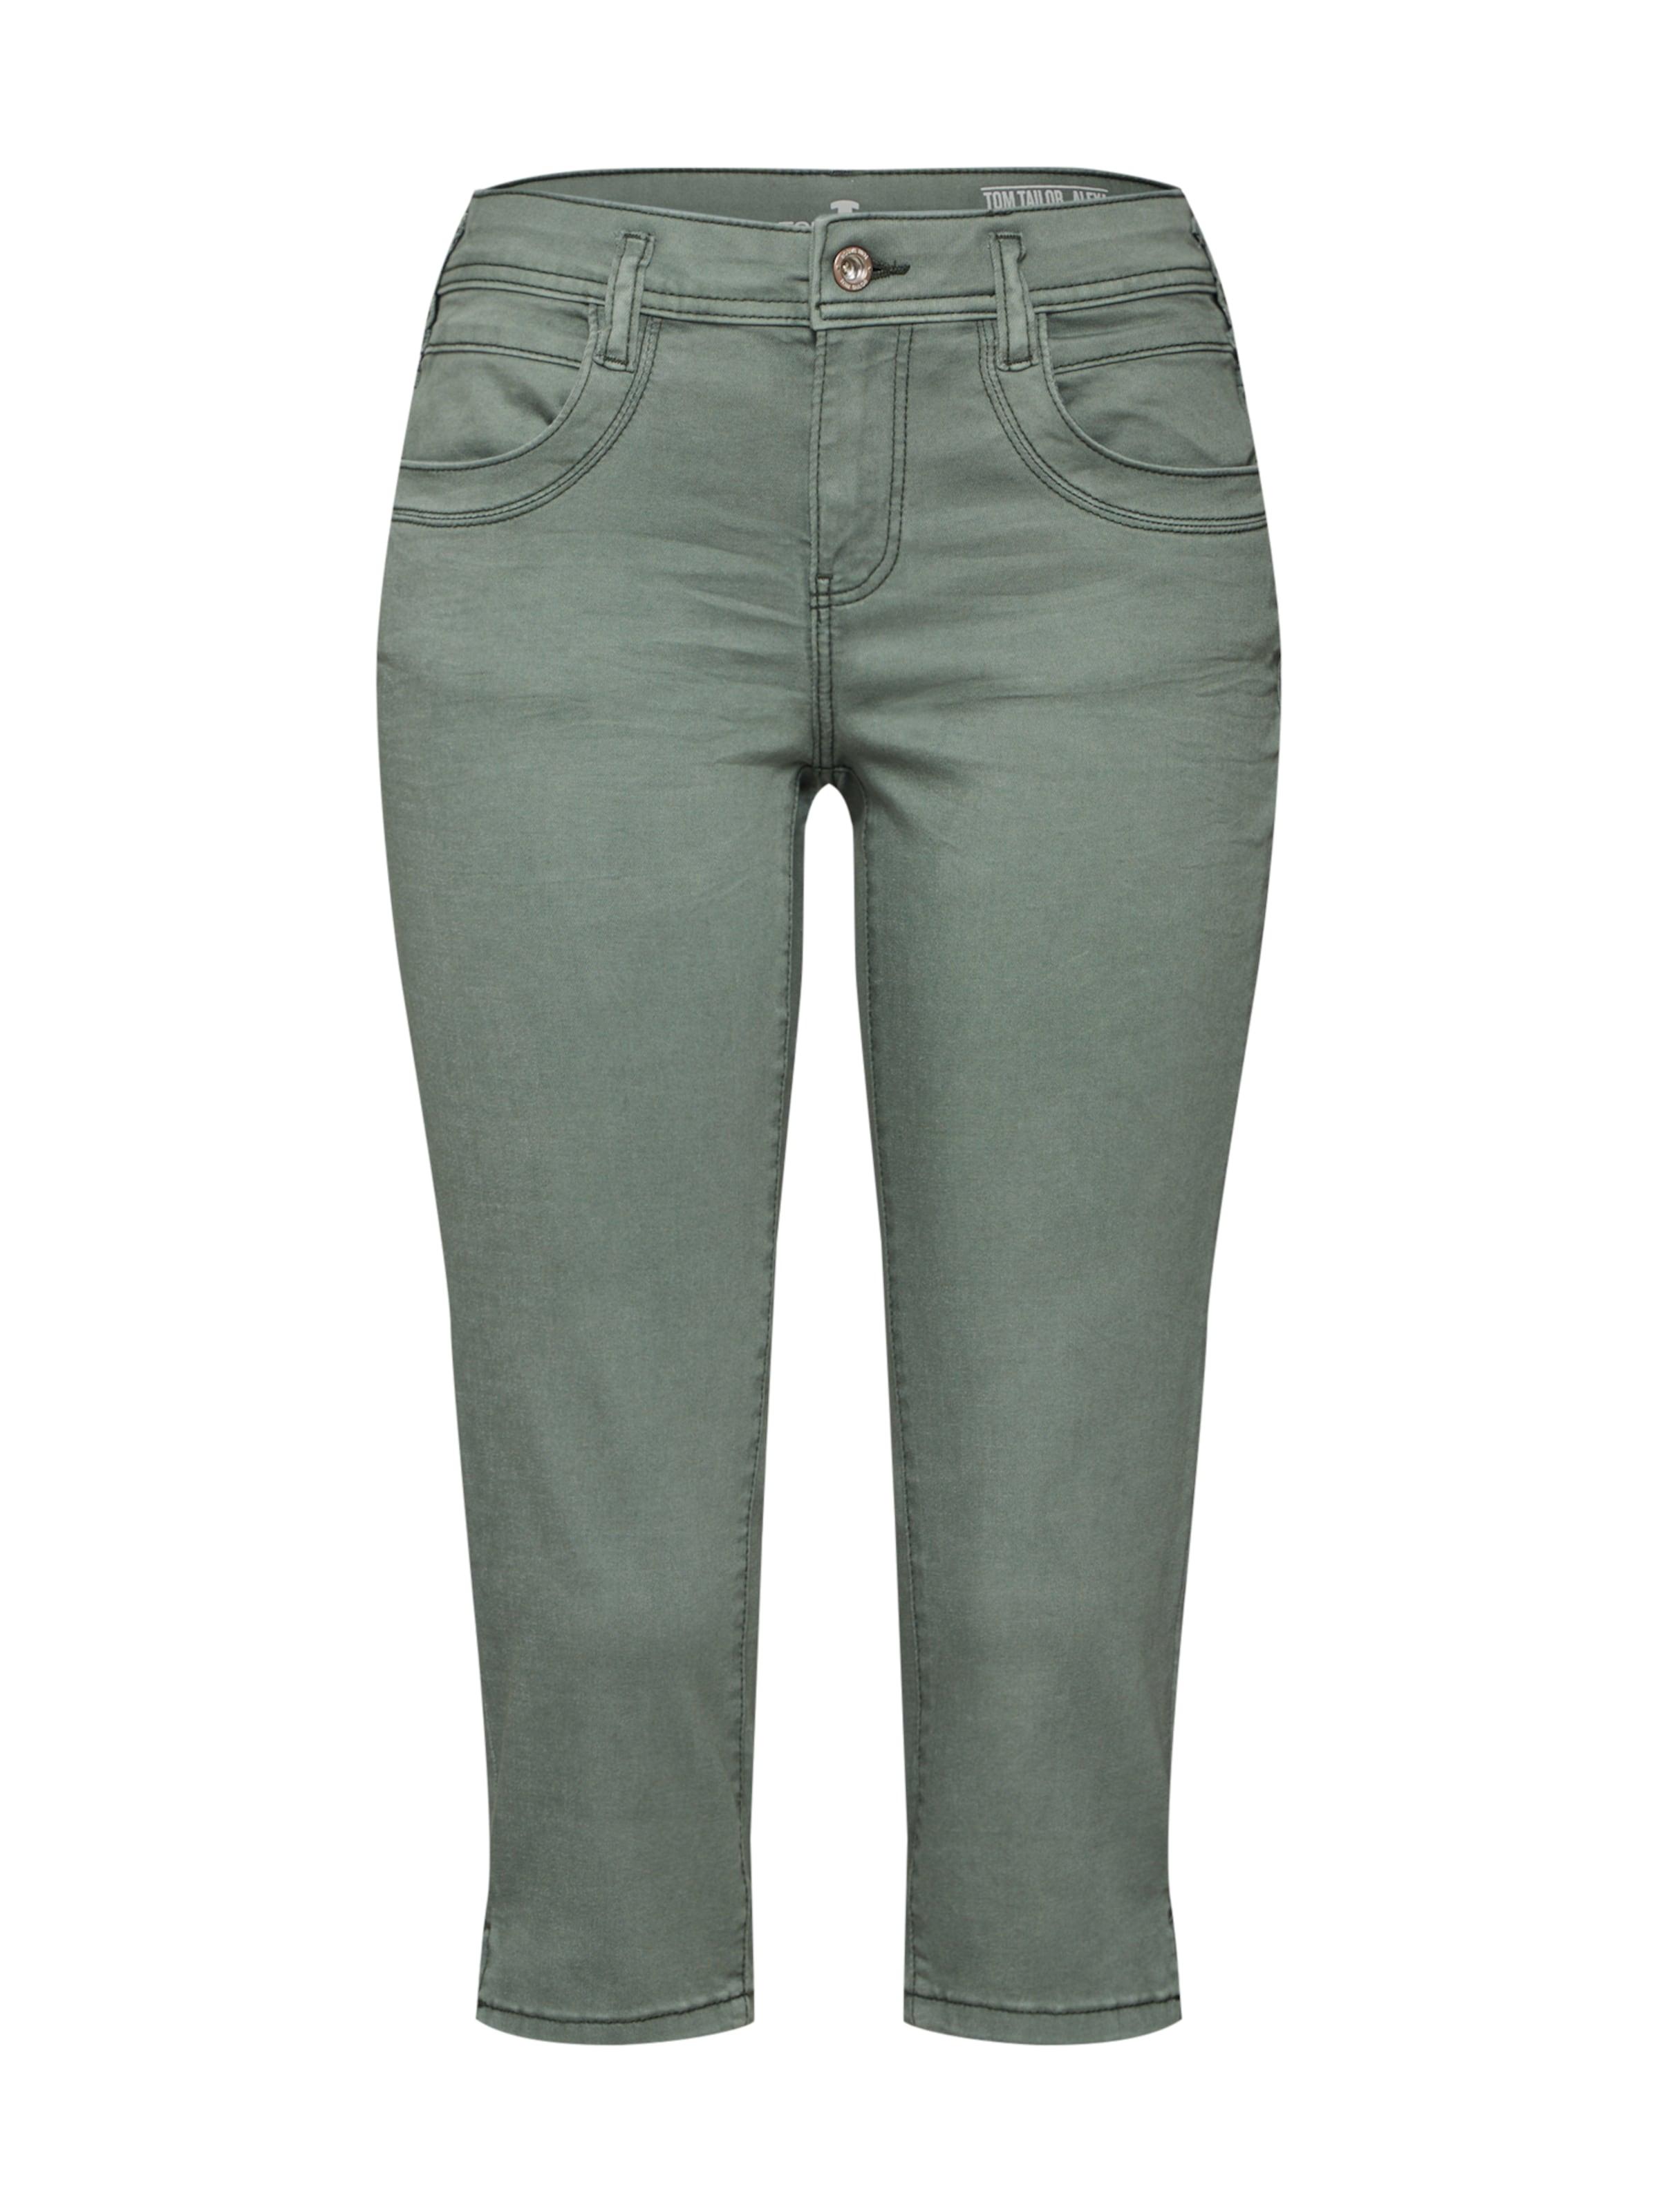 Jeans Khaki Tom In Tailor 'alexa' OPTkXZiu